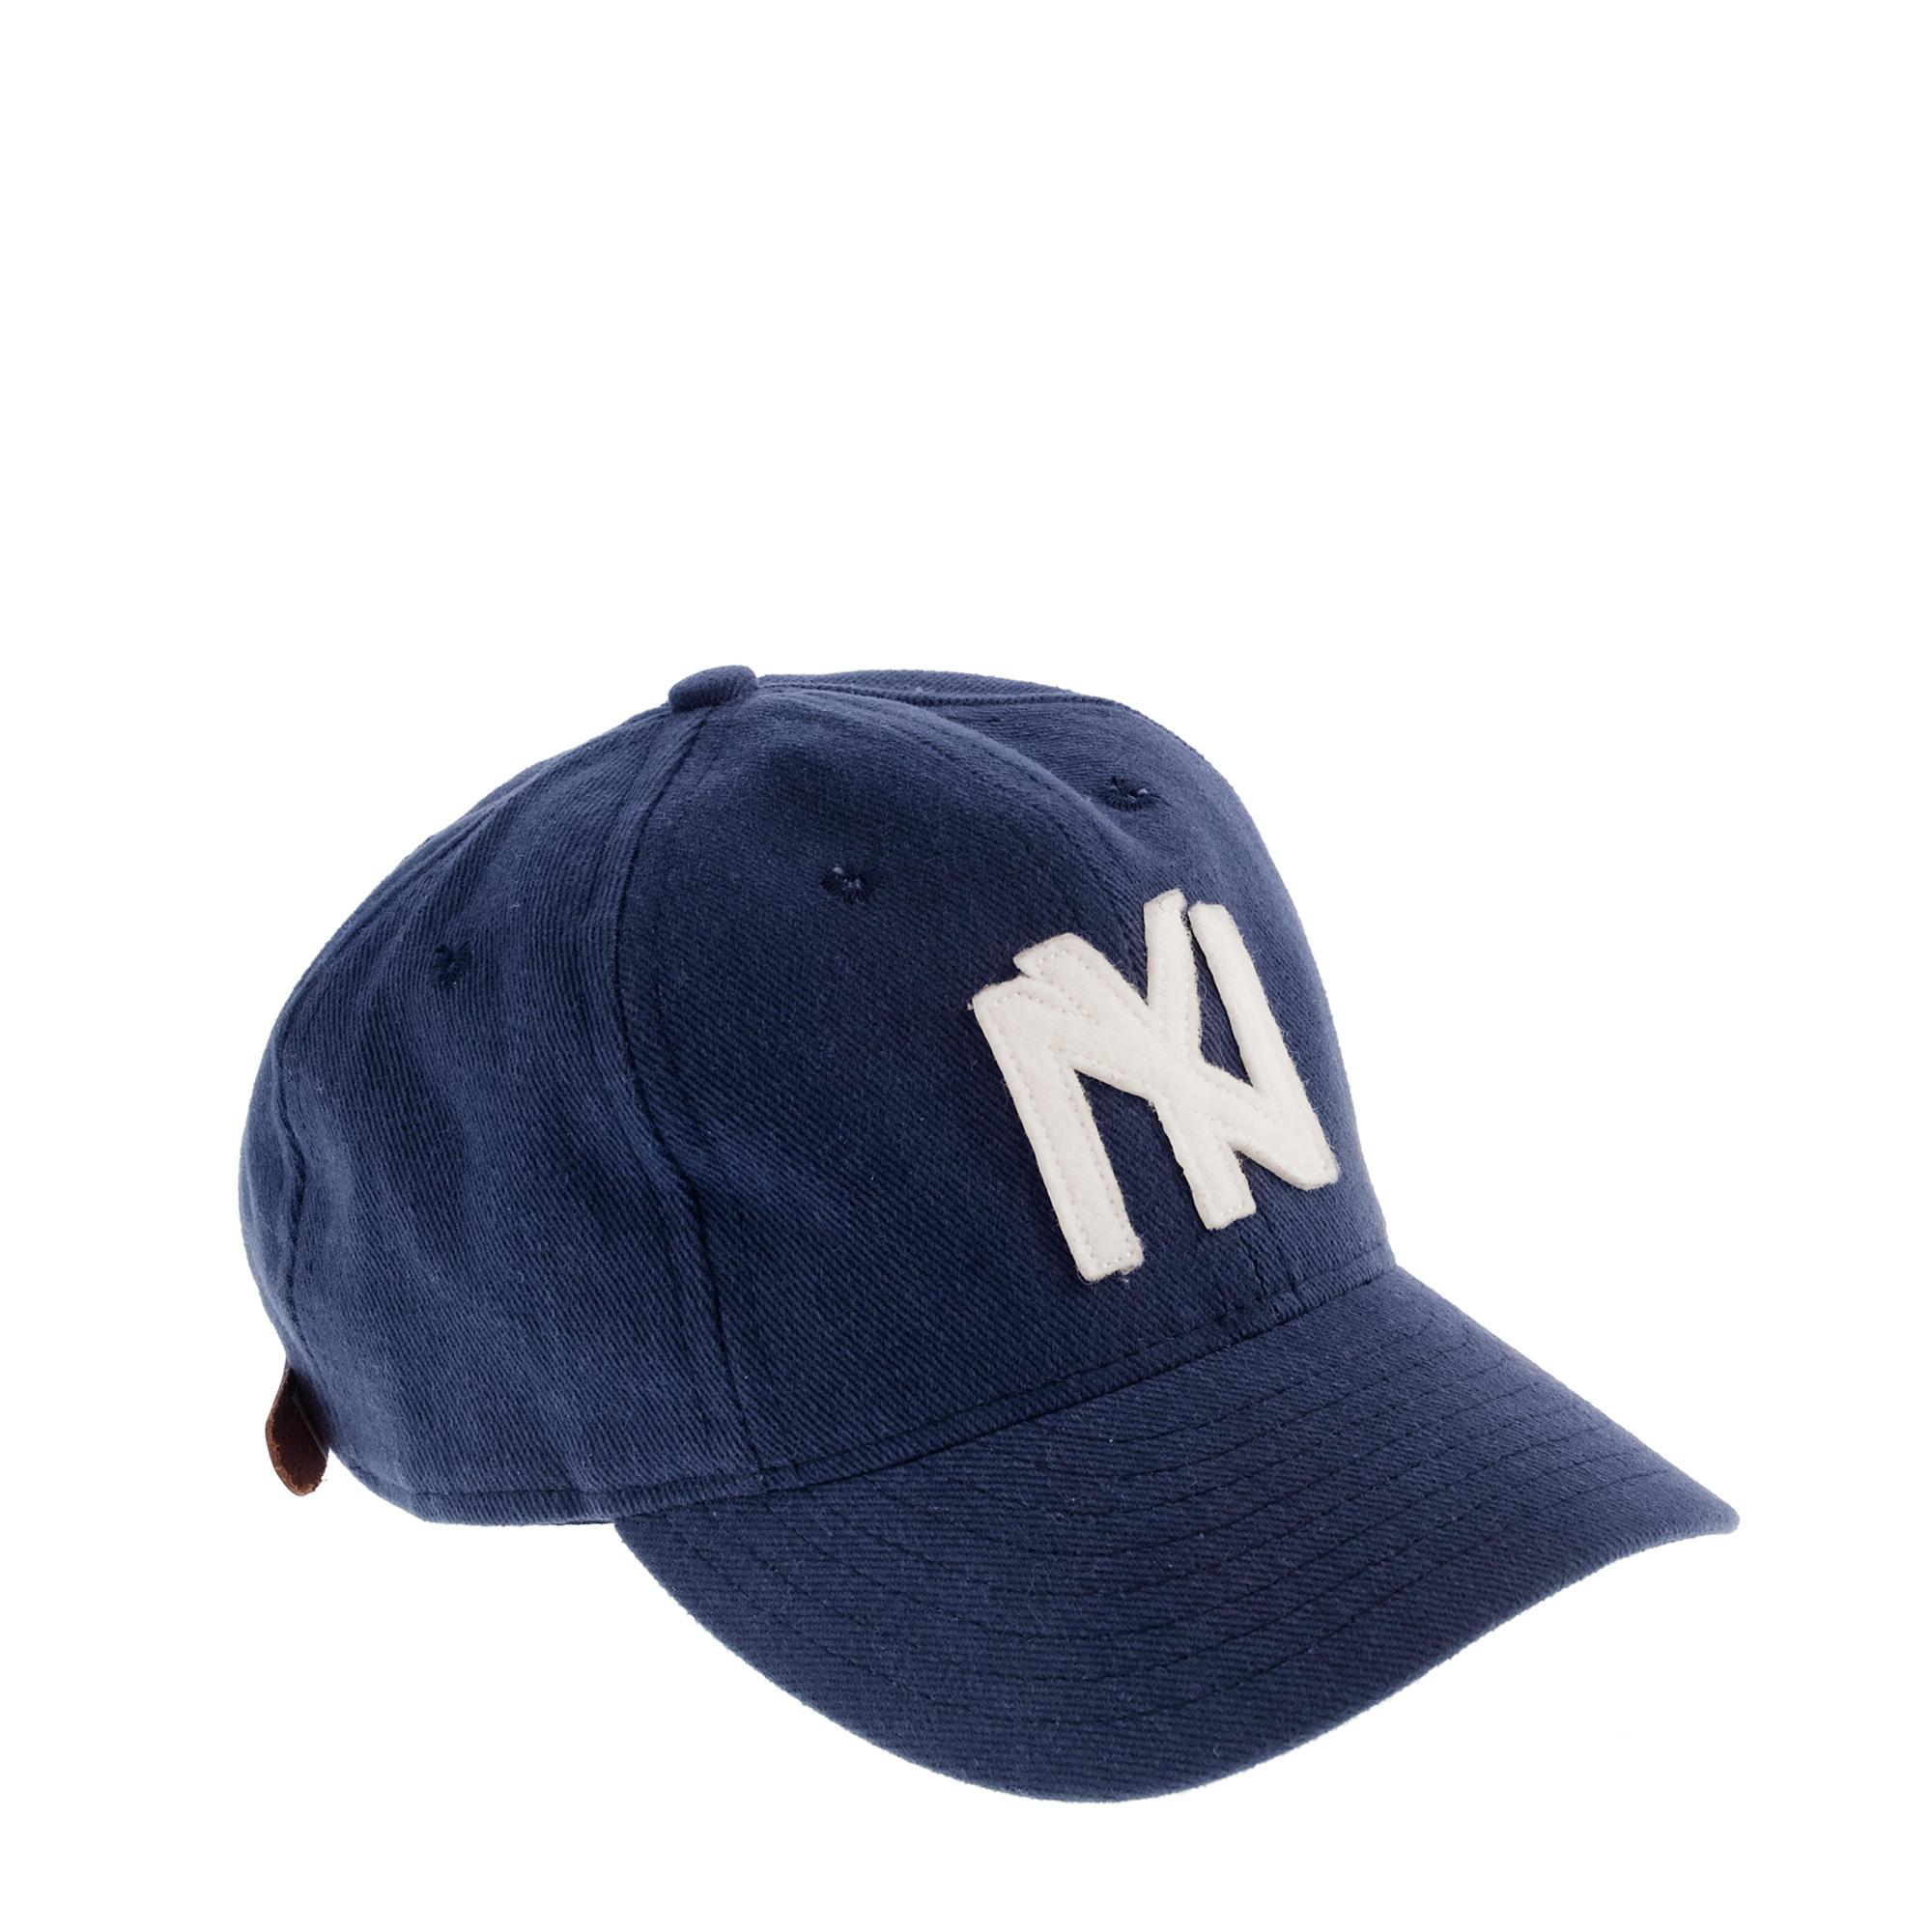 ebbets field flannels ebbets field flannels baseball cap